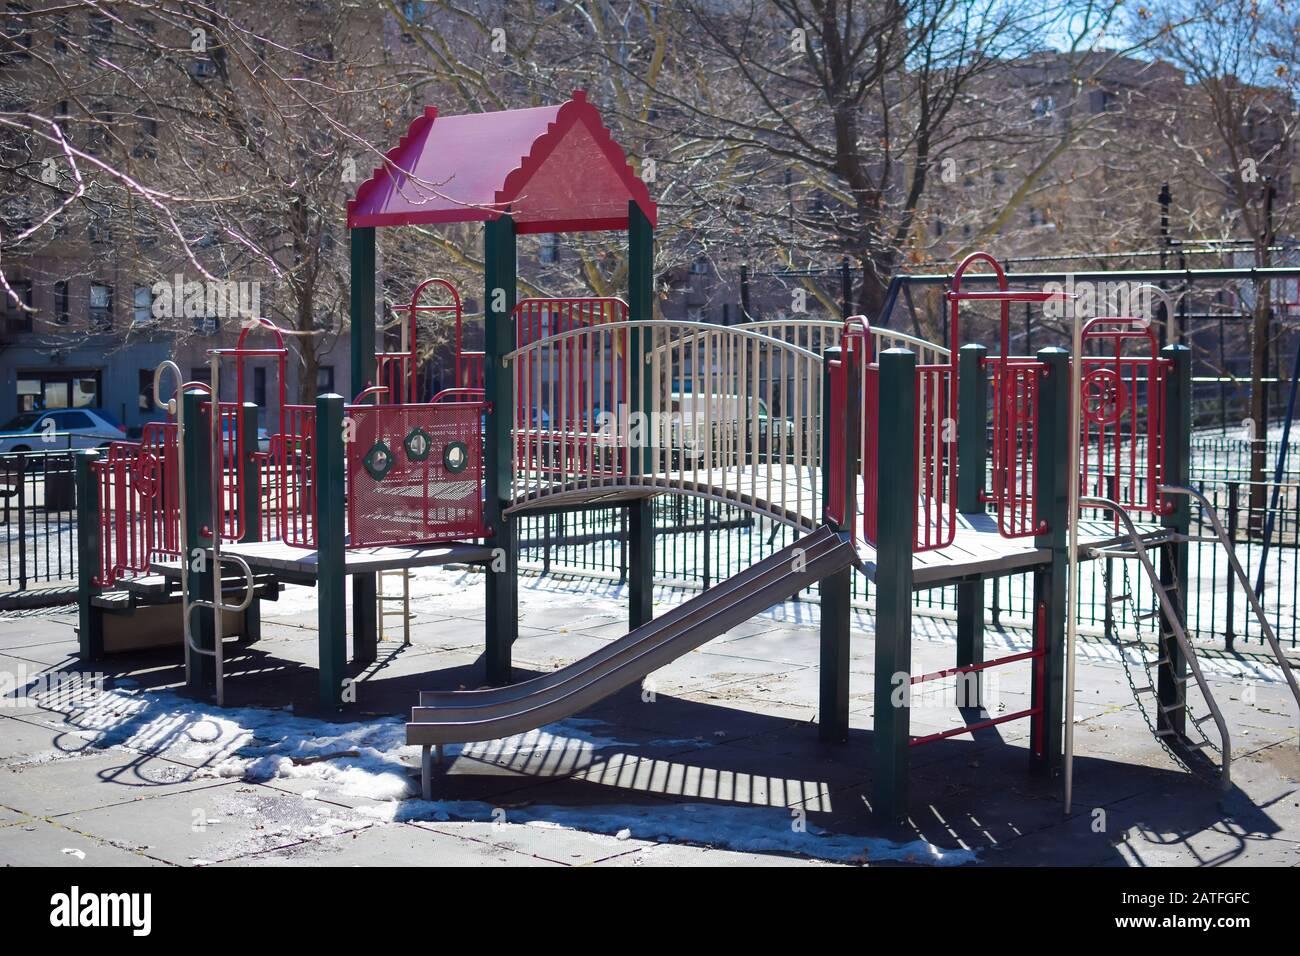 Un parque infantil/gimnasio en un soleado día de invierno, Harlem, Nueva York, NY, Estados Unidos Foto de stock